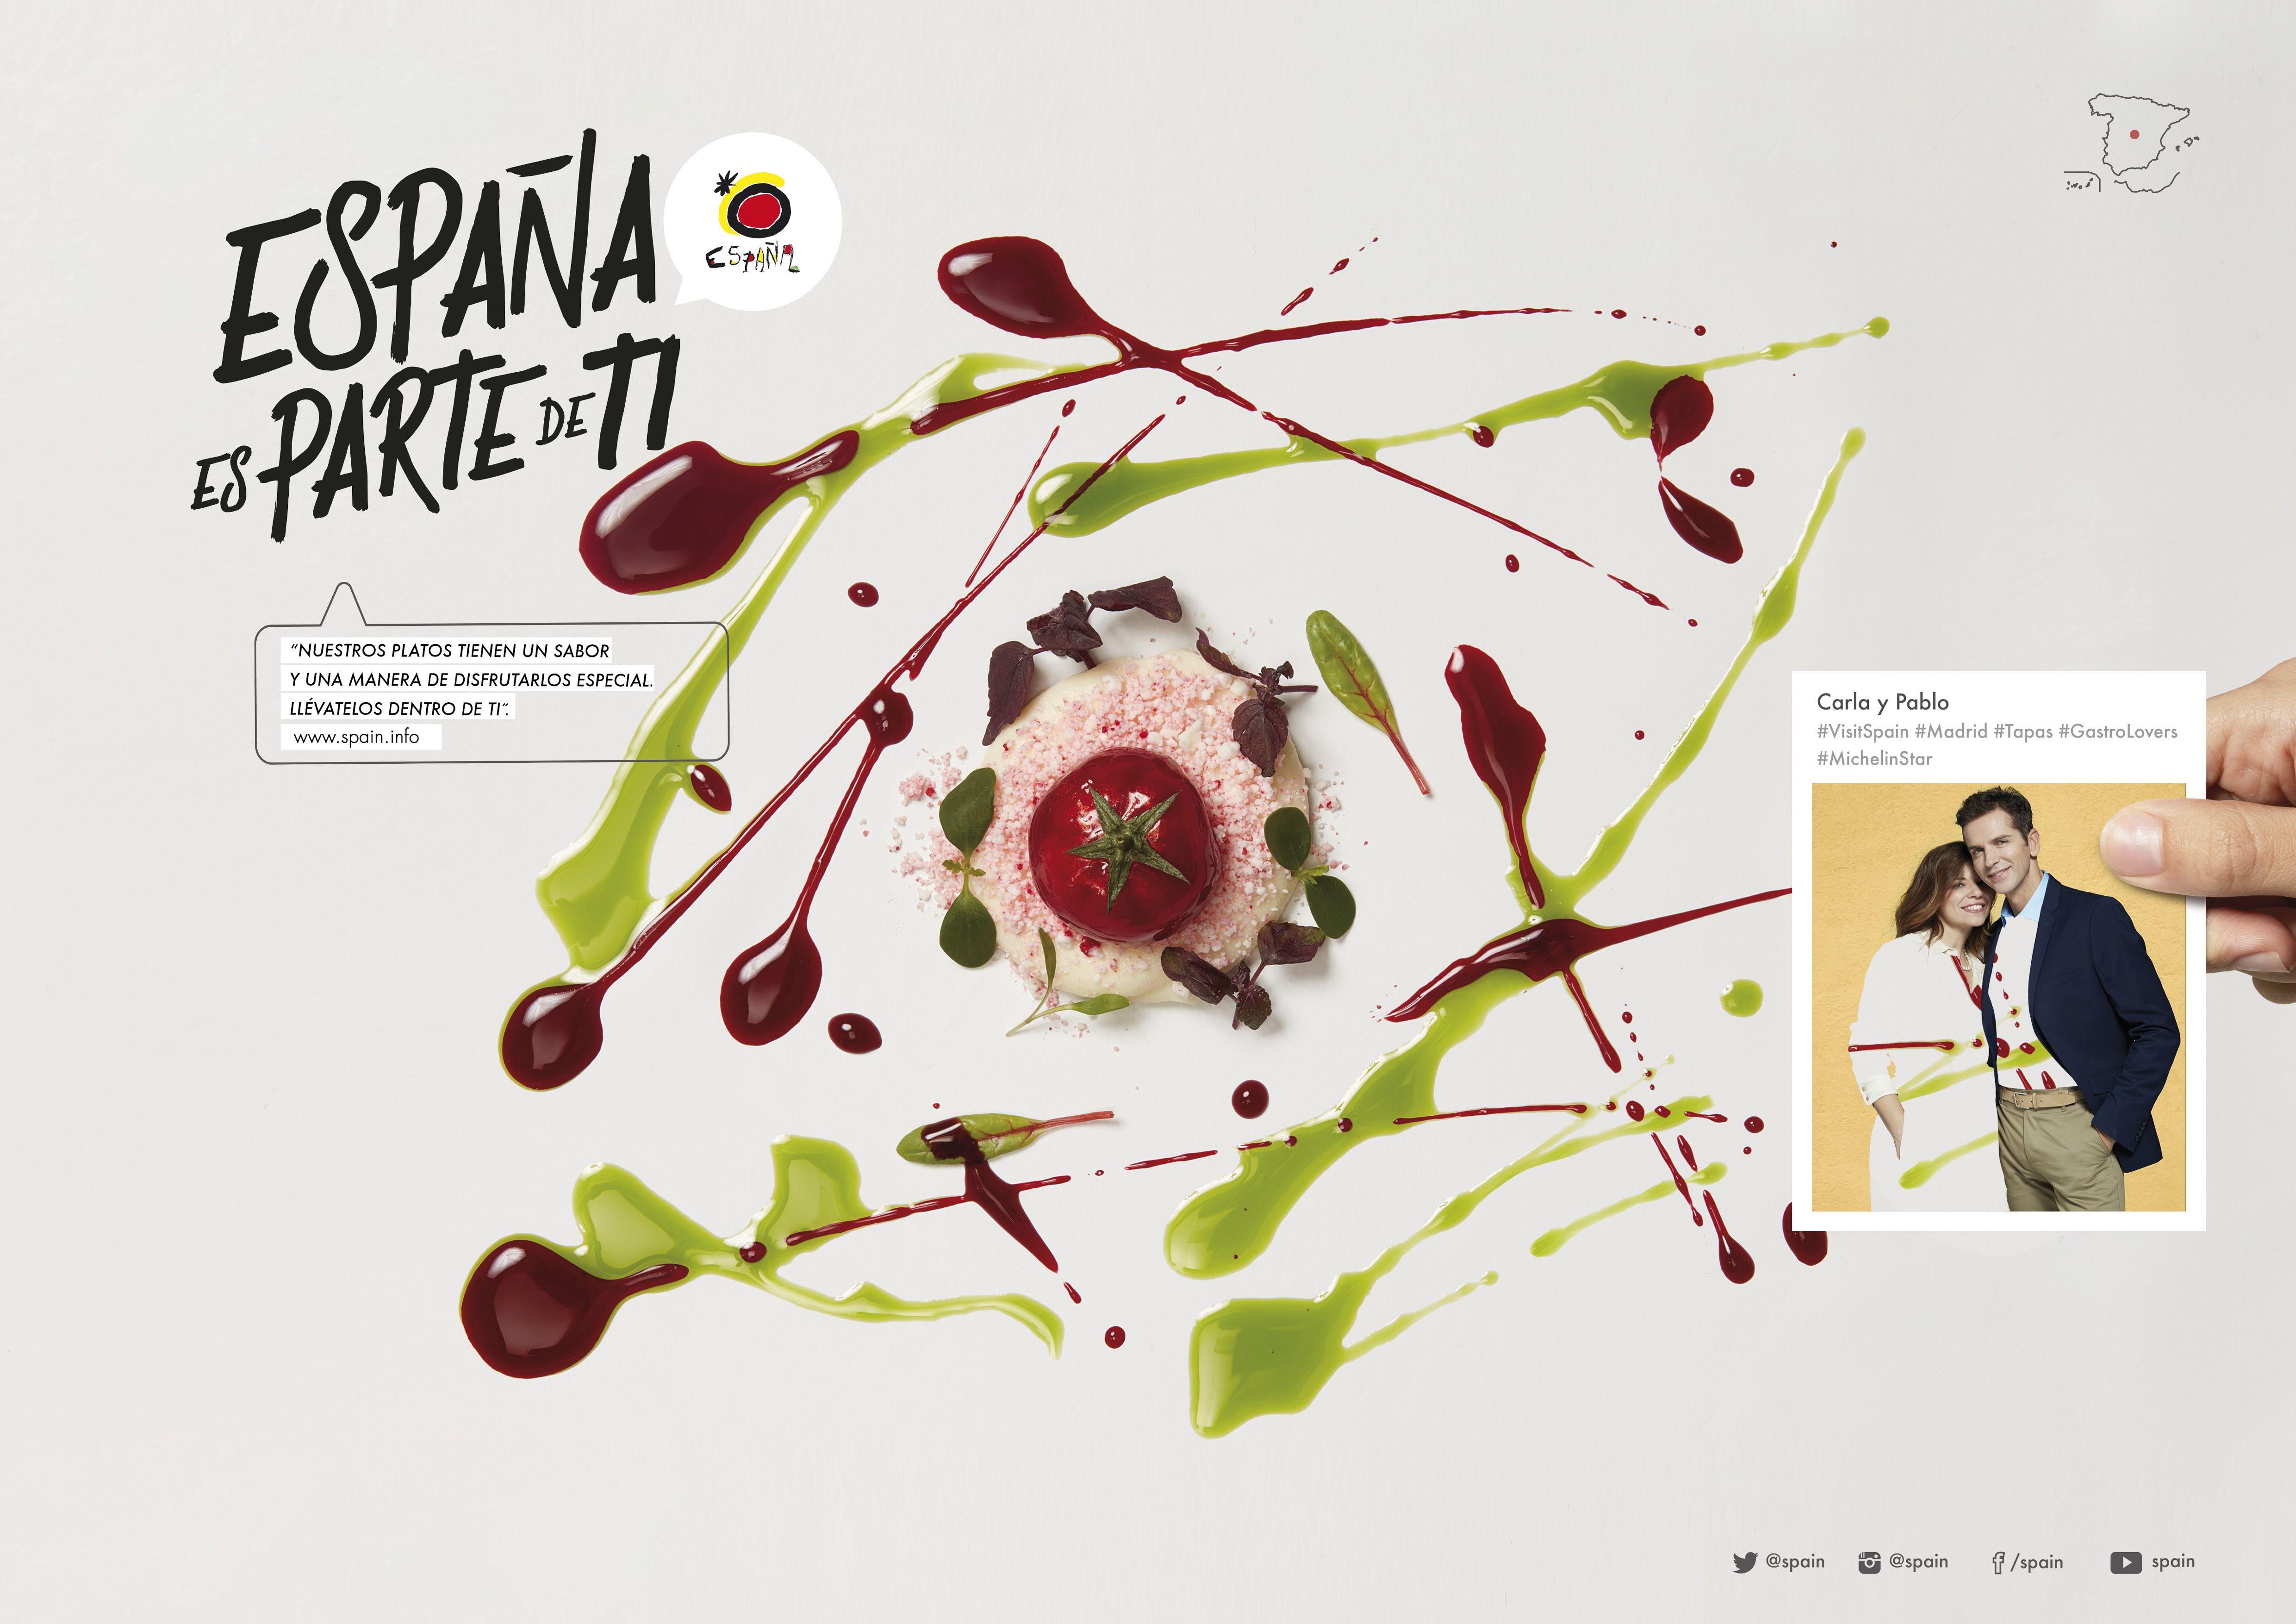 Eslogan 'España es parte de tí'